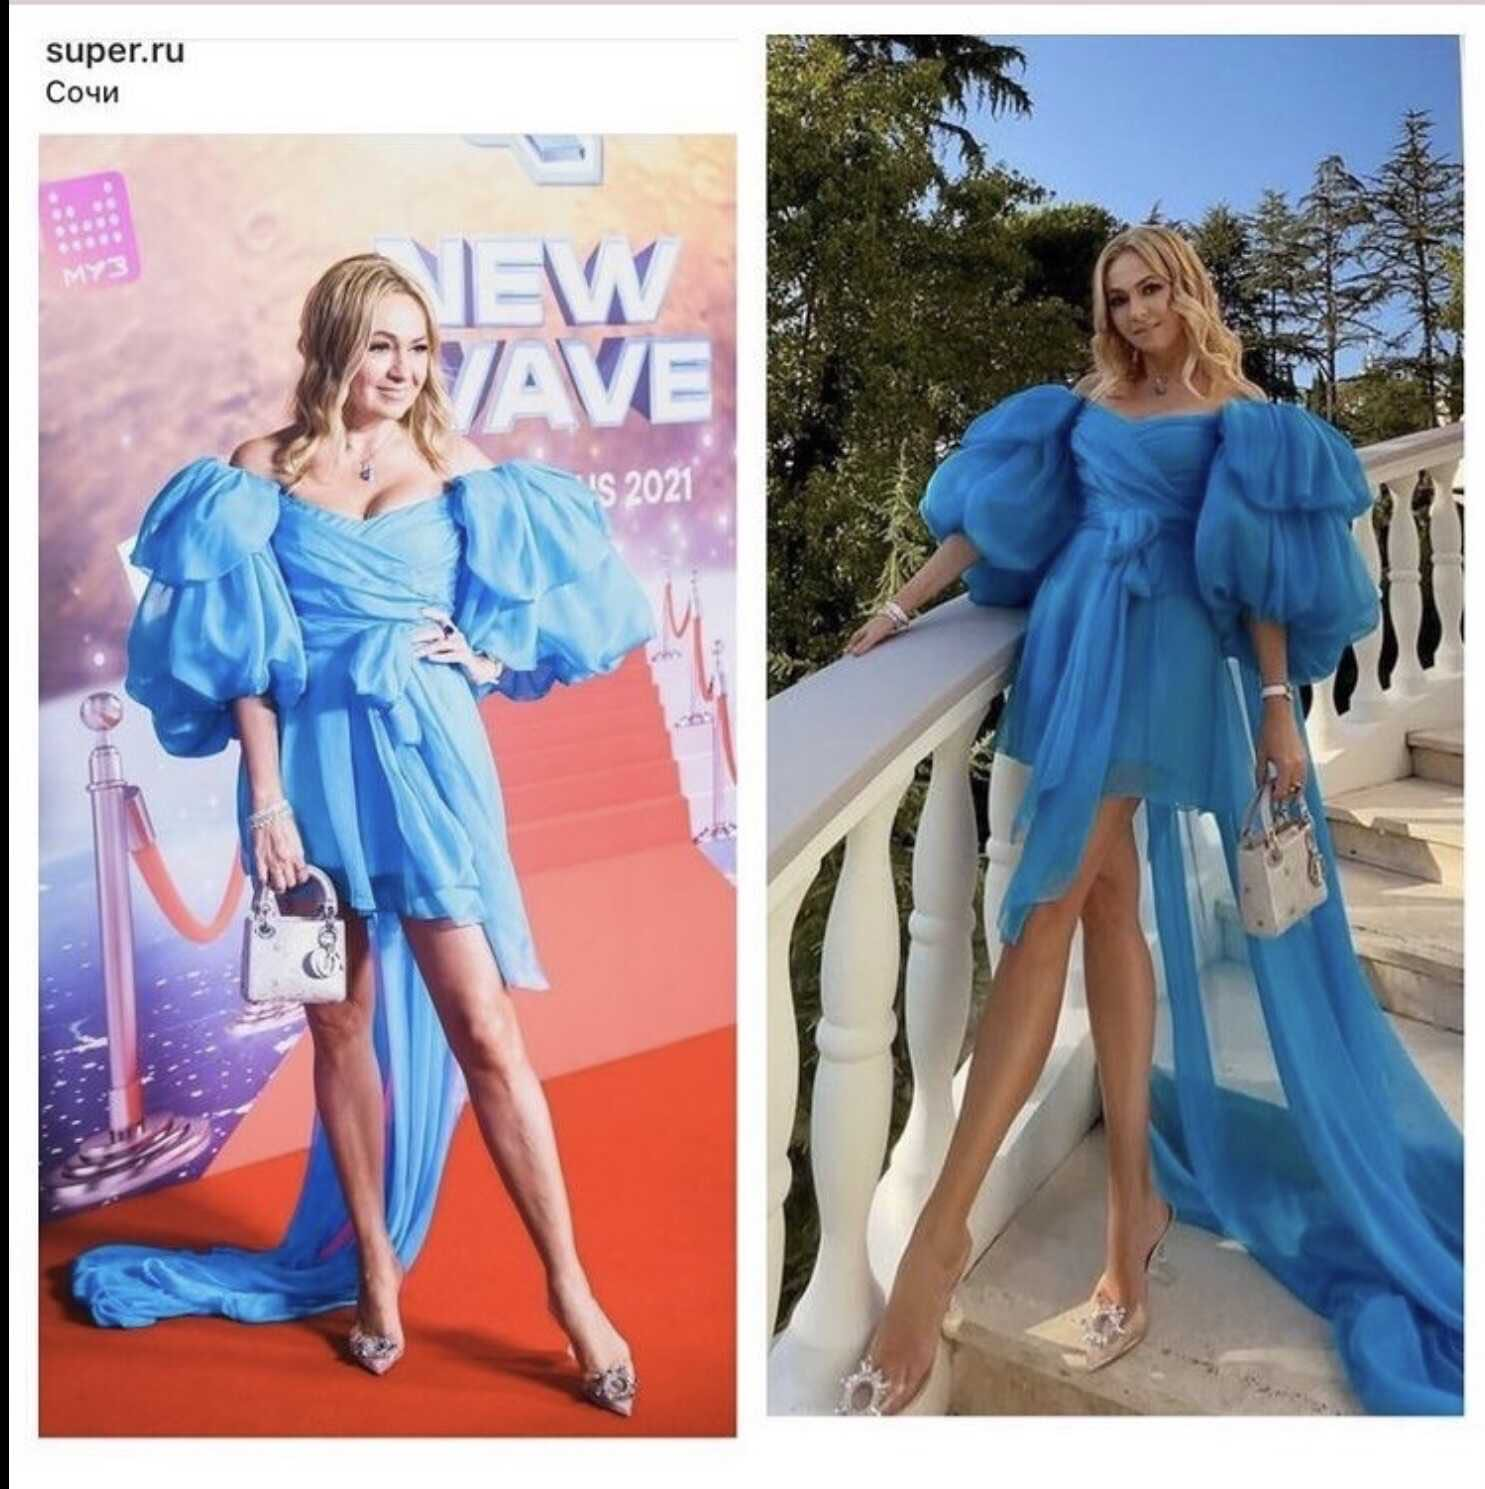 «Очередной провал»: Яна Рудковская снова позабавила публику своим «роскошным» нарядом